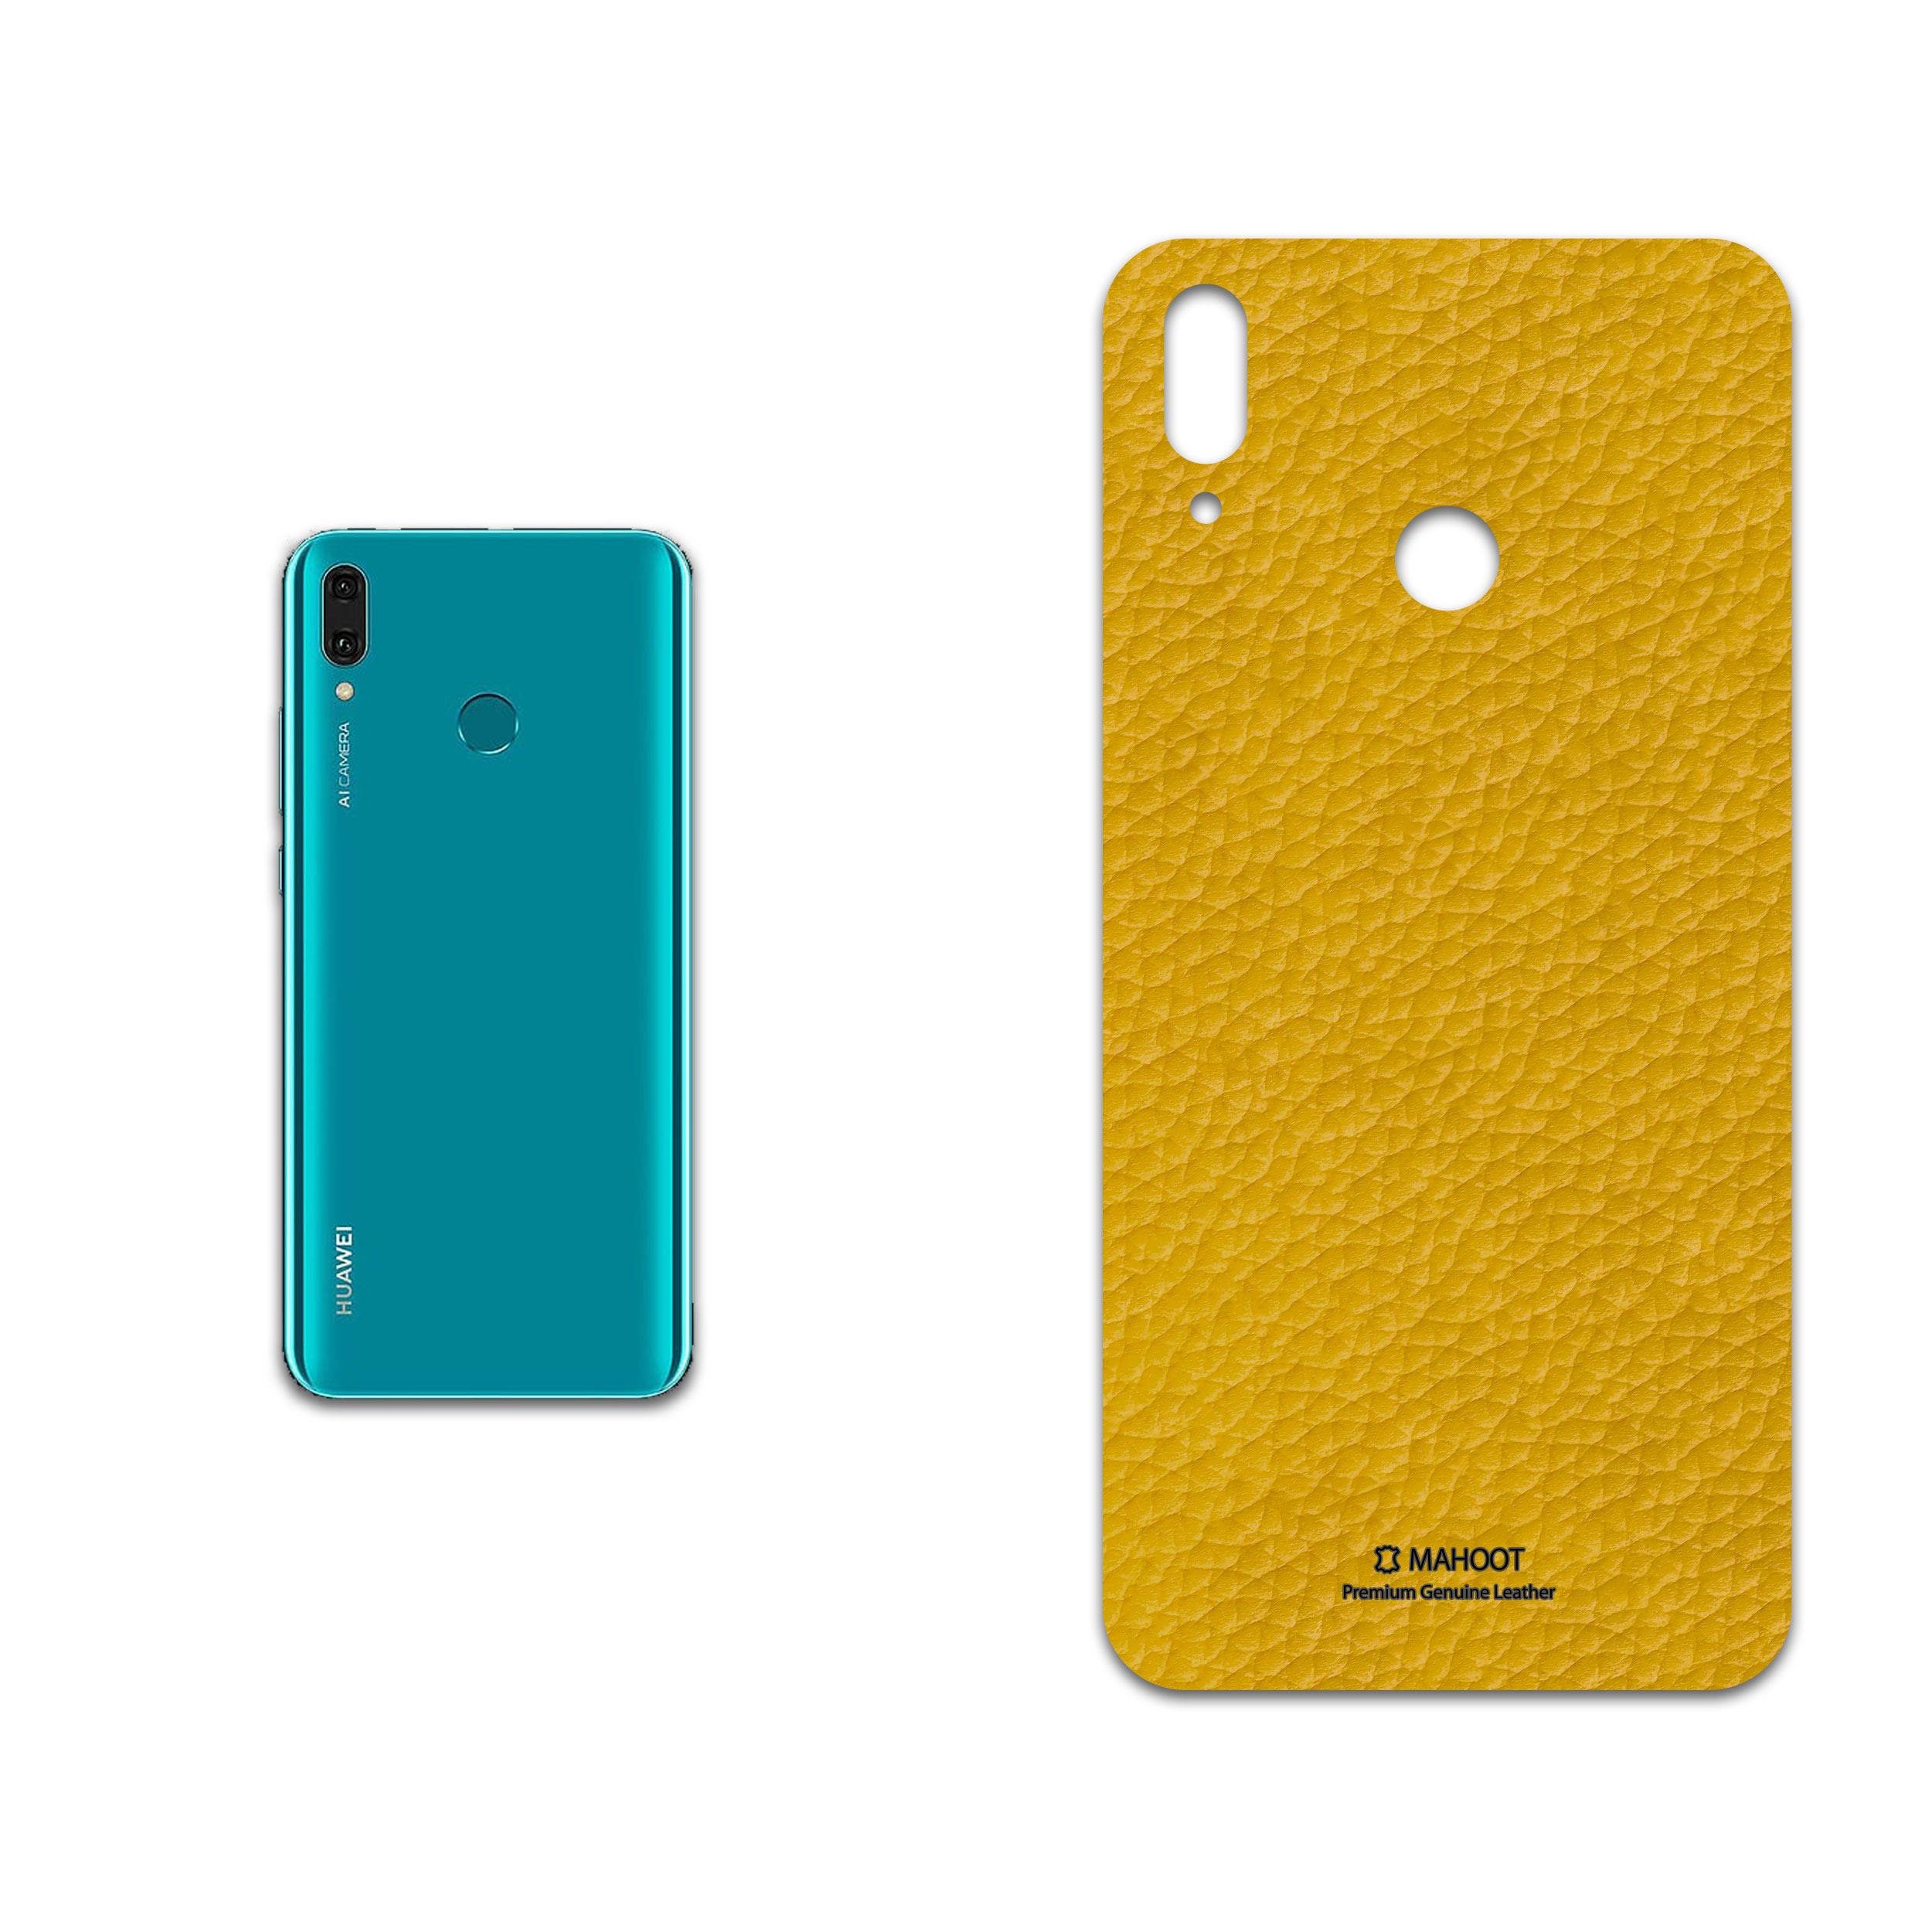 برچسب پوششی ماهوت مدل Mustard-Leather مناسب برای گوشی موبایل هوآوی Y9 2019